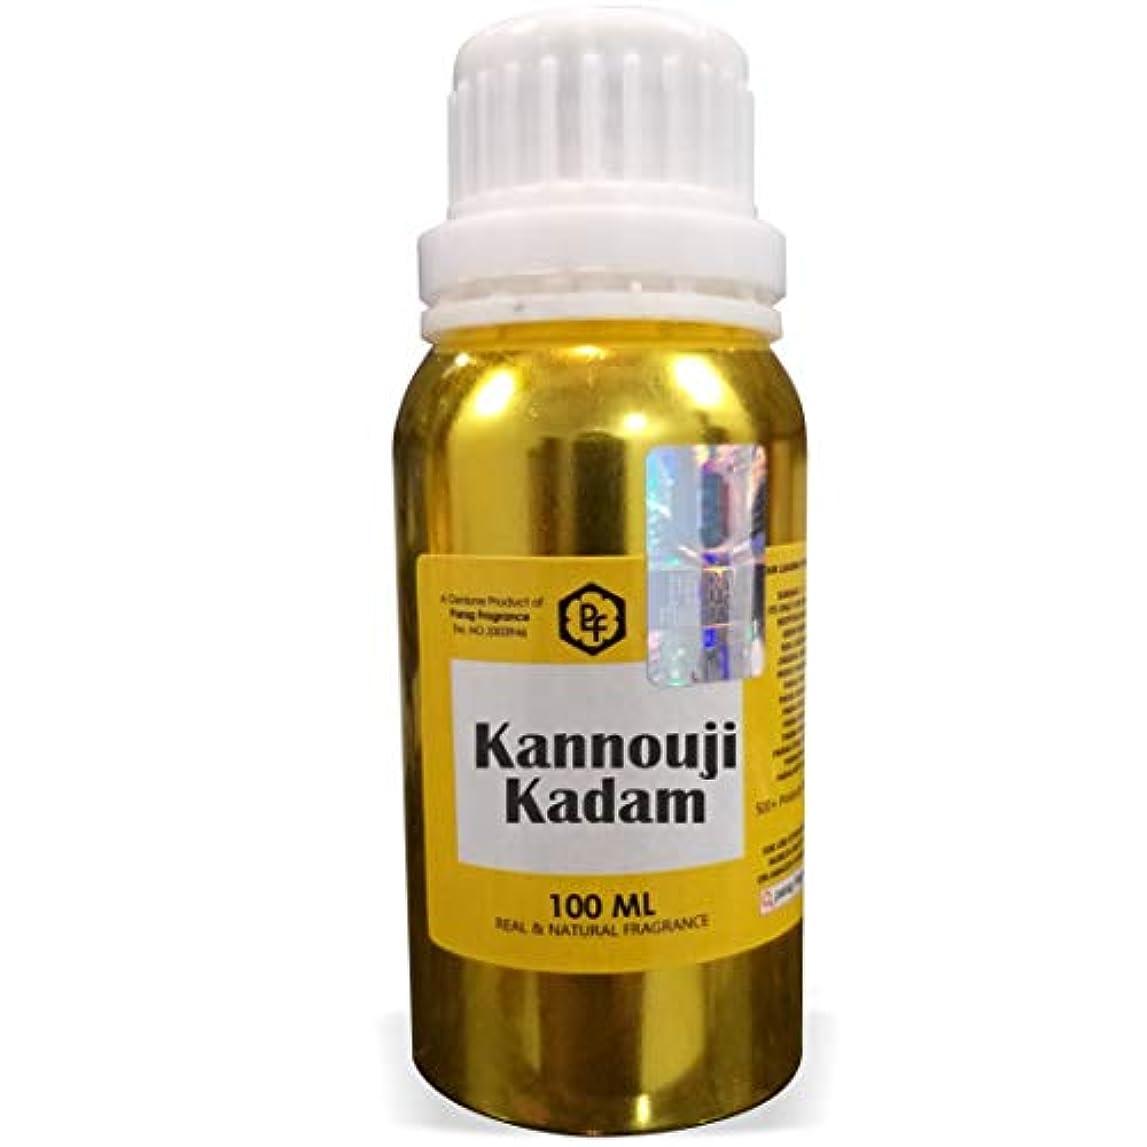 革命的該当する反射ParagフレグランスKannouji Kadamアター100ミリリットル(男性用アルコールフリーアター)香油  香り  ITRA